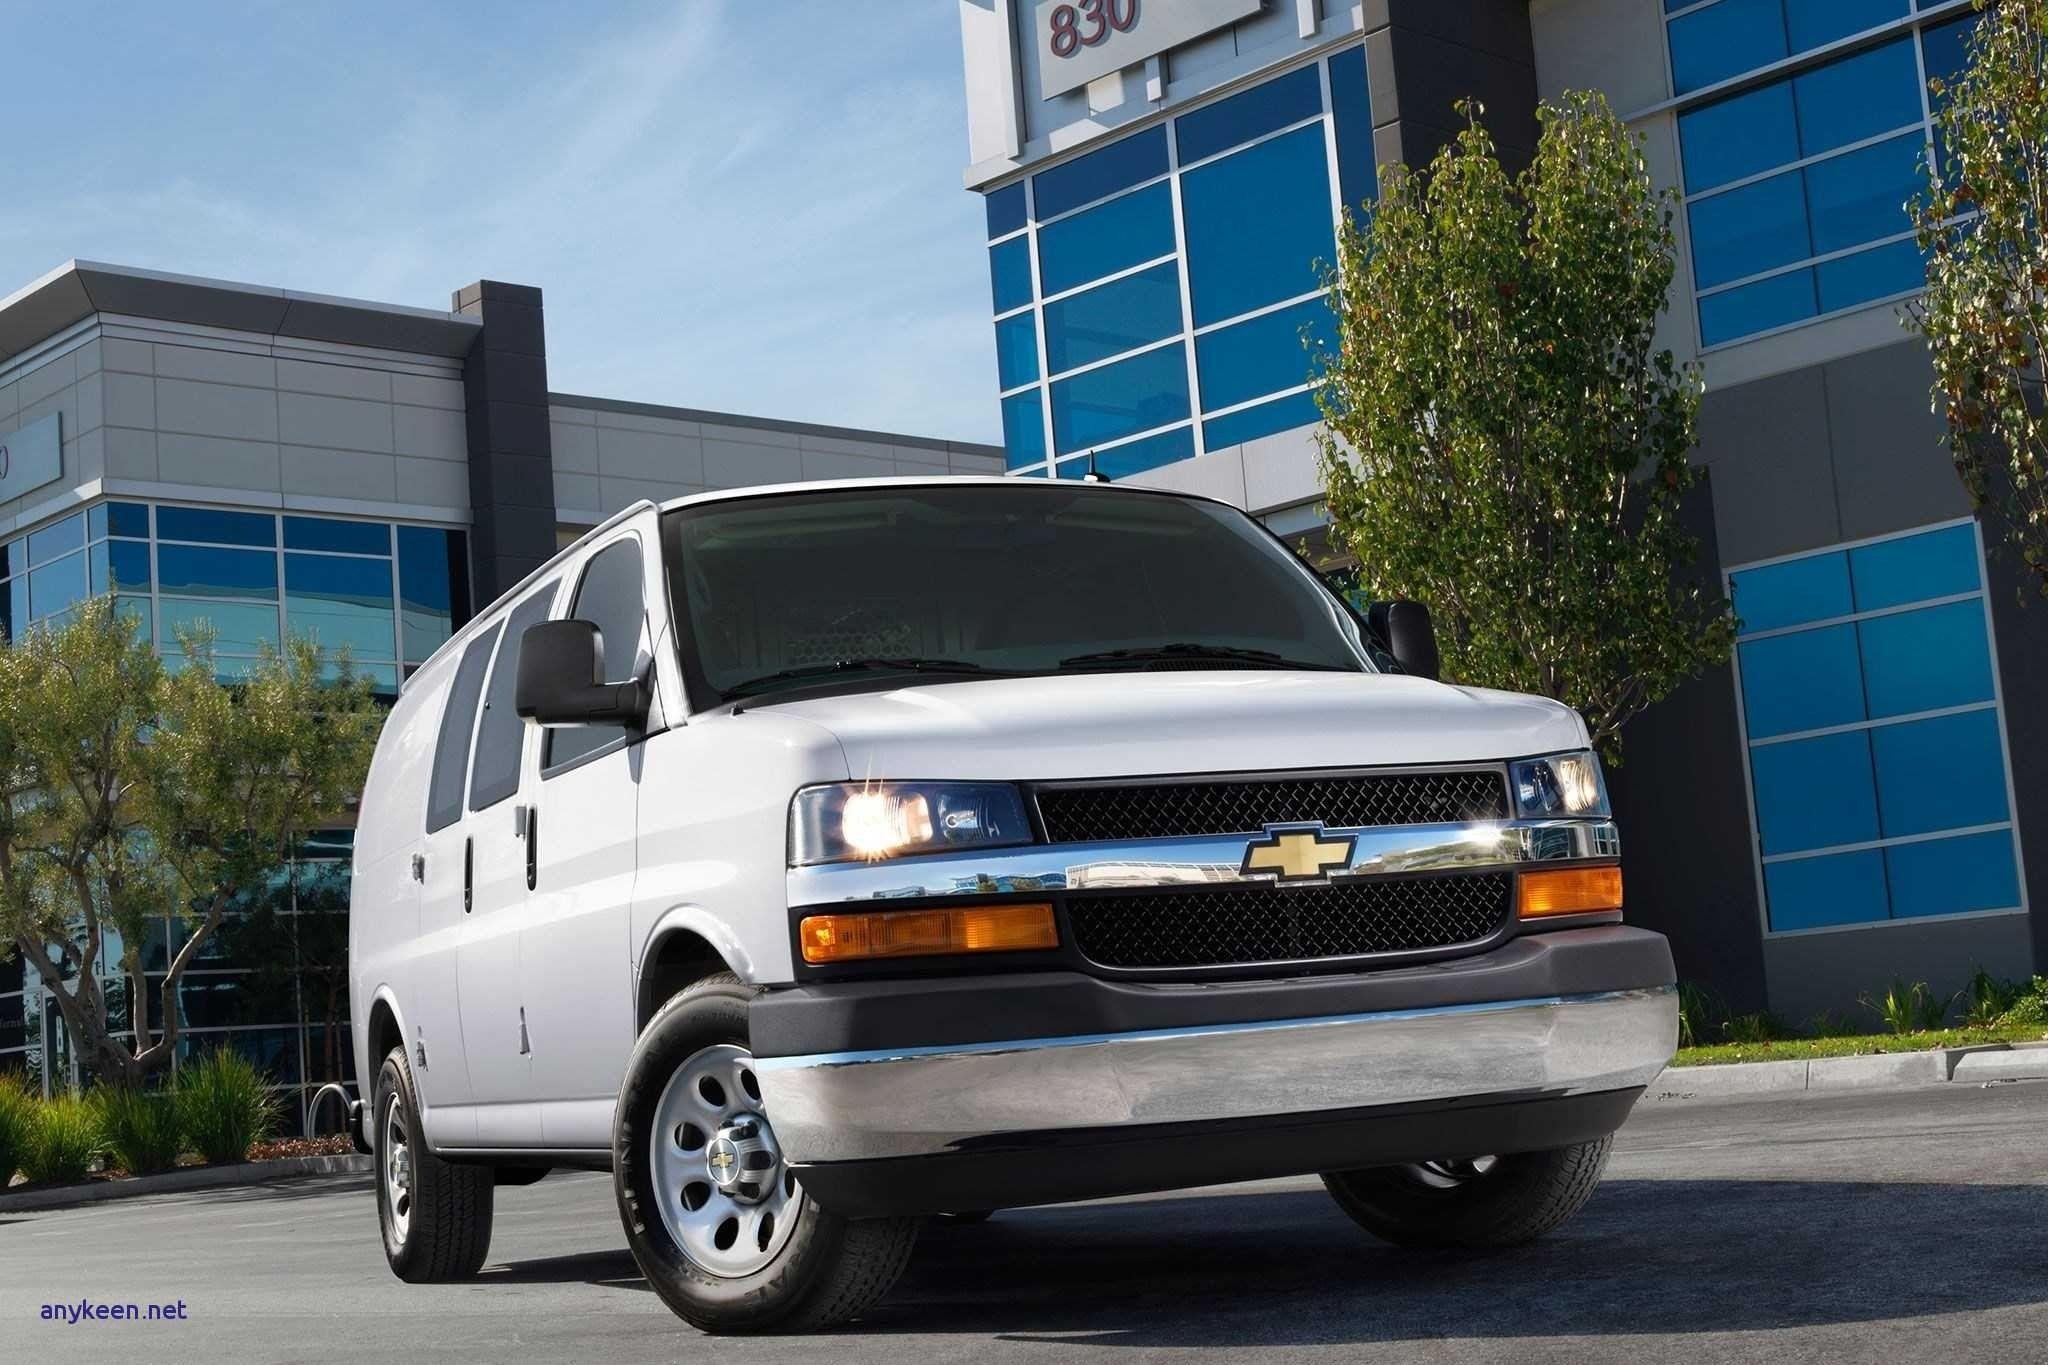 2019 chevy express passenger van first drive car review 2018 [ 2048 x 1365 Pixel ]